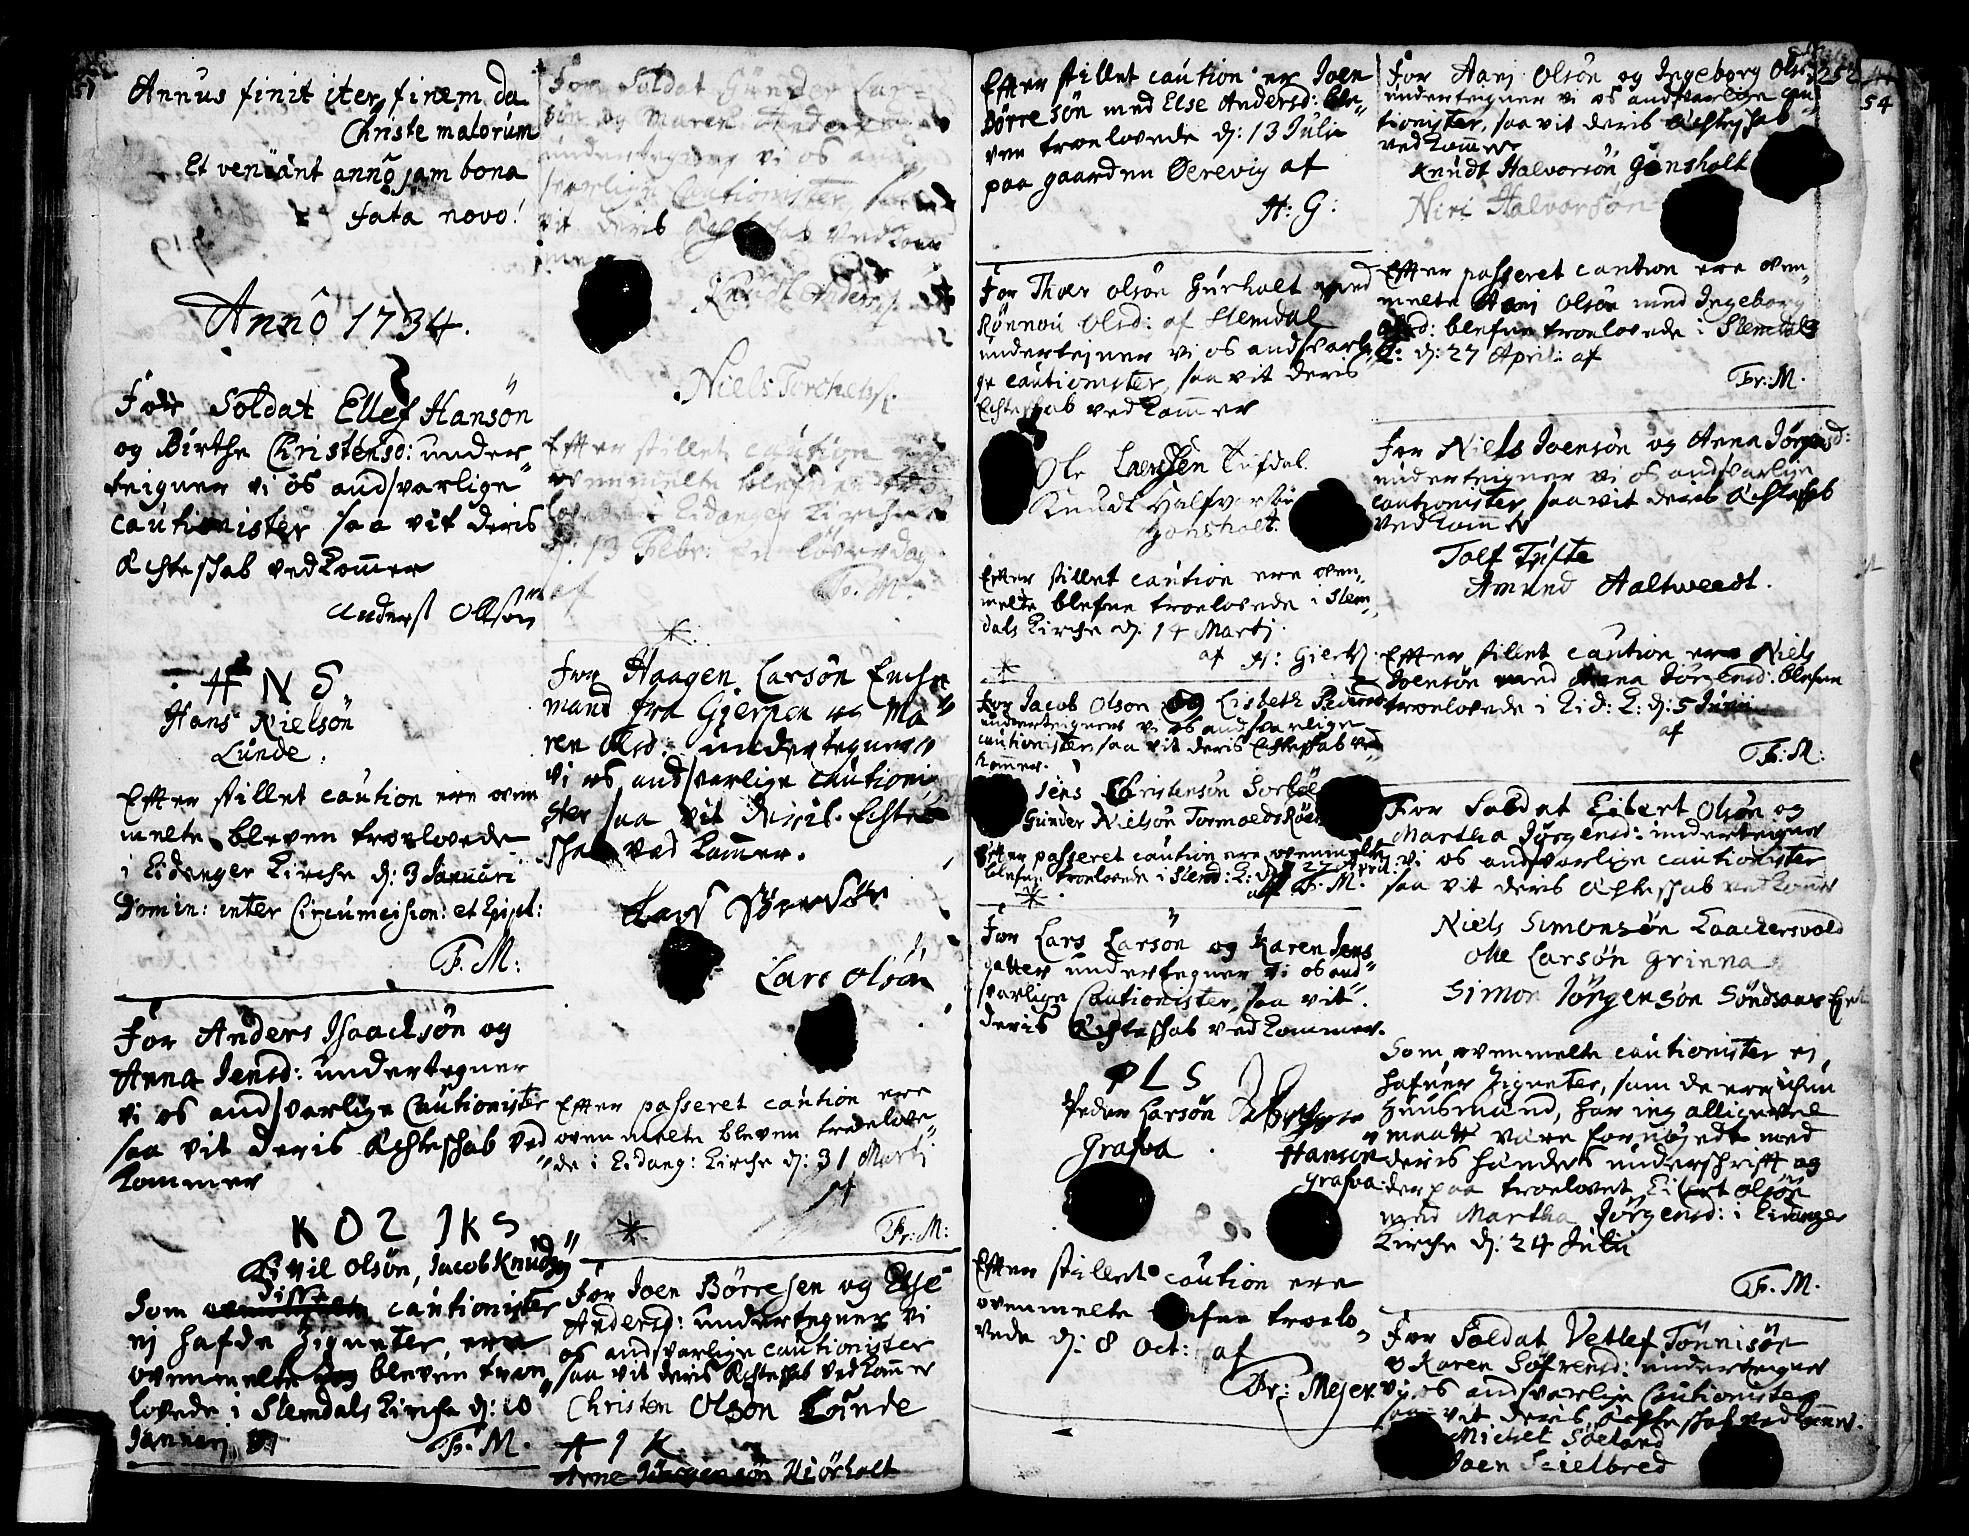 SAKO, Eidanger kirkebøker, F/Fa/L0004: Ministerialbok nr. 4, 1733-1759, s. 251-252